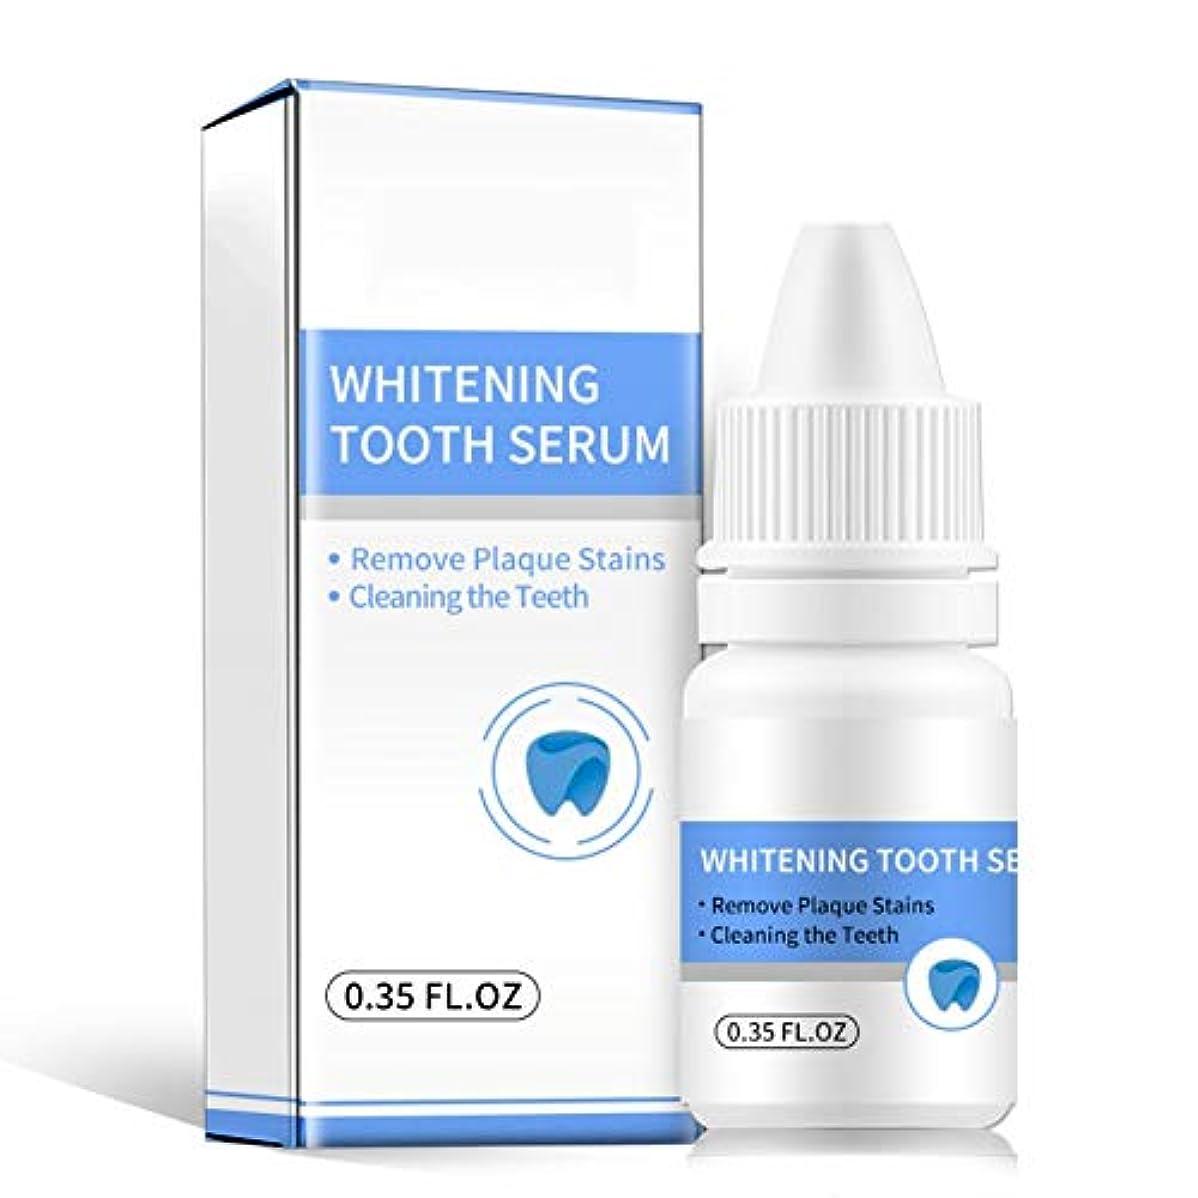 カテナ講義おとなしいホワイトニングトゥースウォッシュ-感度なしで毎日使用する場合:歯科医が処方し、非毒性と認定